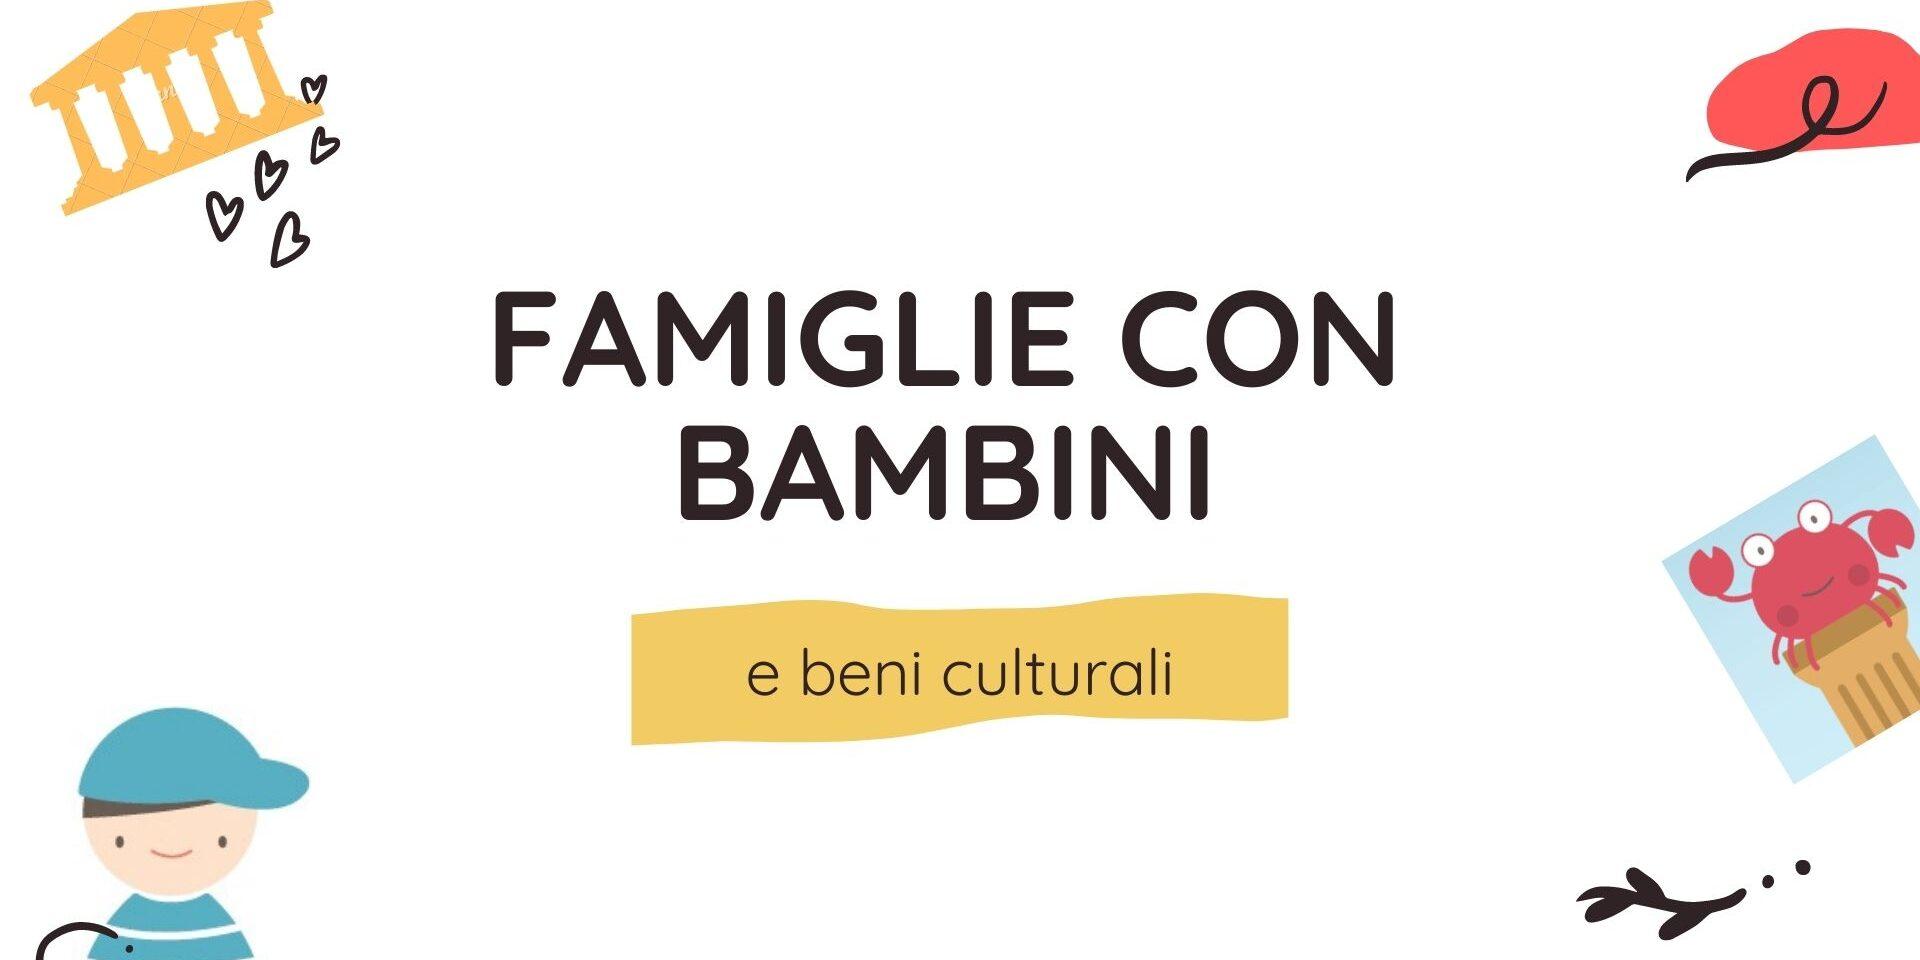 Famiglie con bambini e beni culturali - copertina